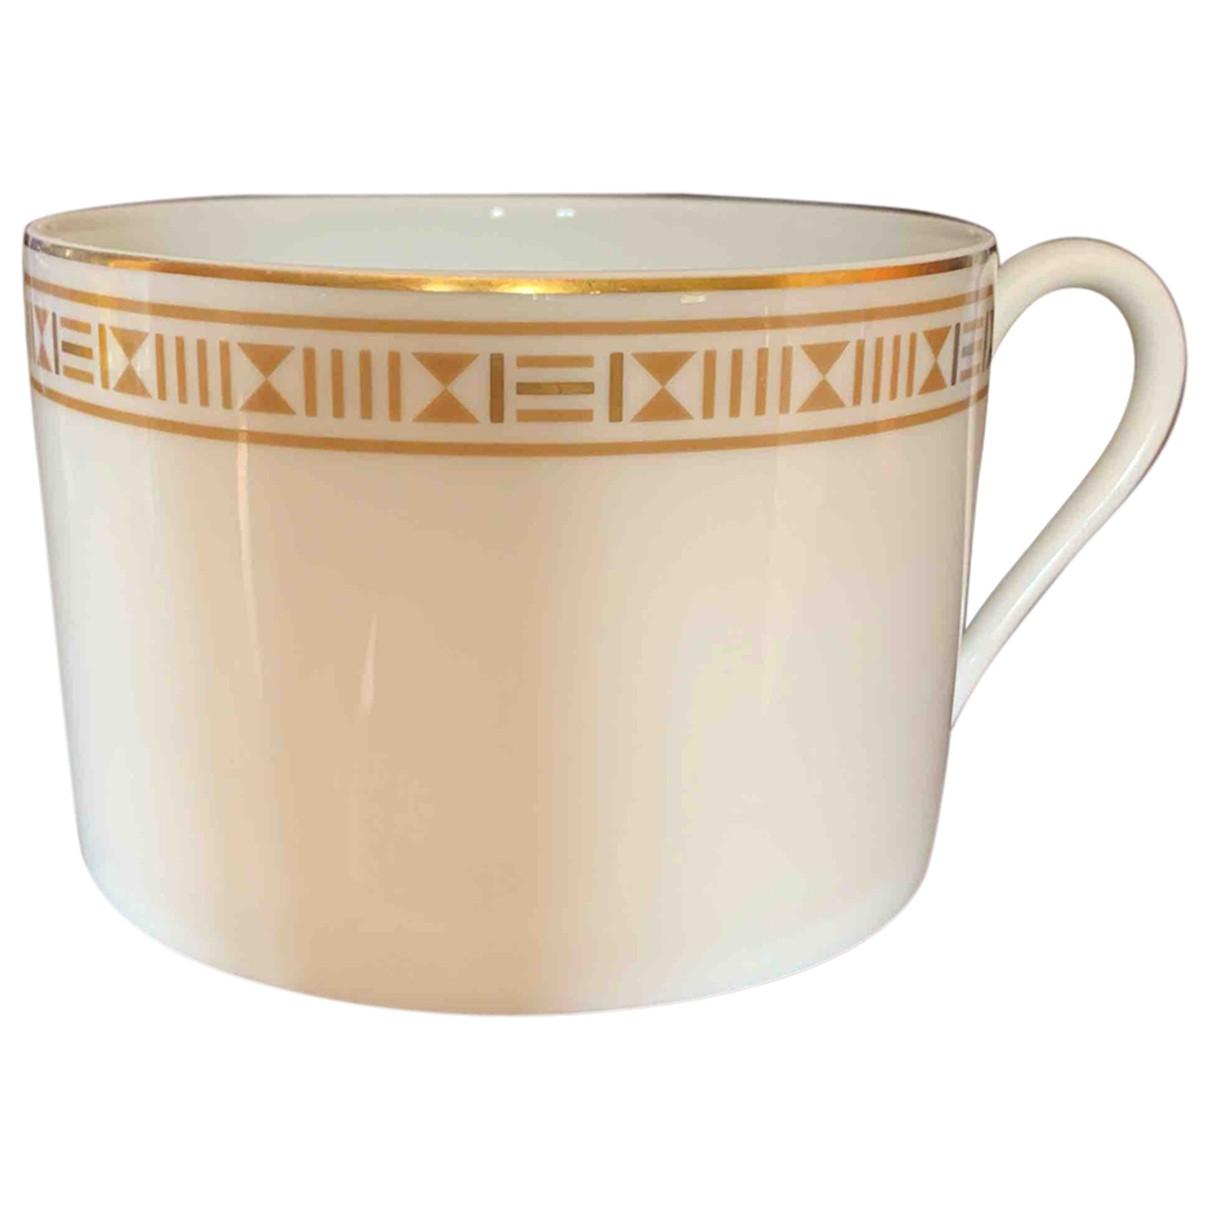 Hermes \N Tischkultur in  Weiss Porzellan